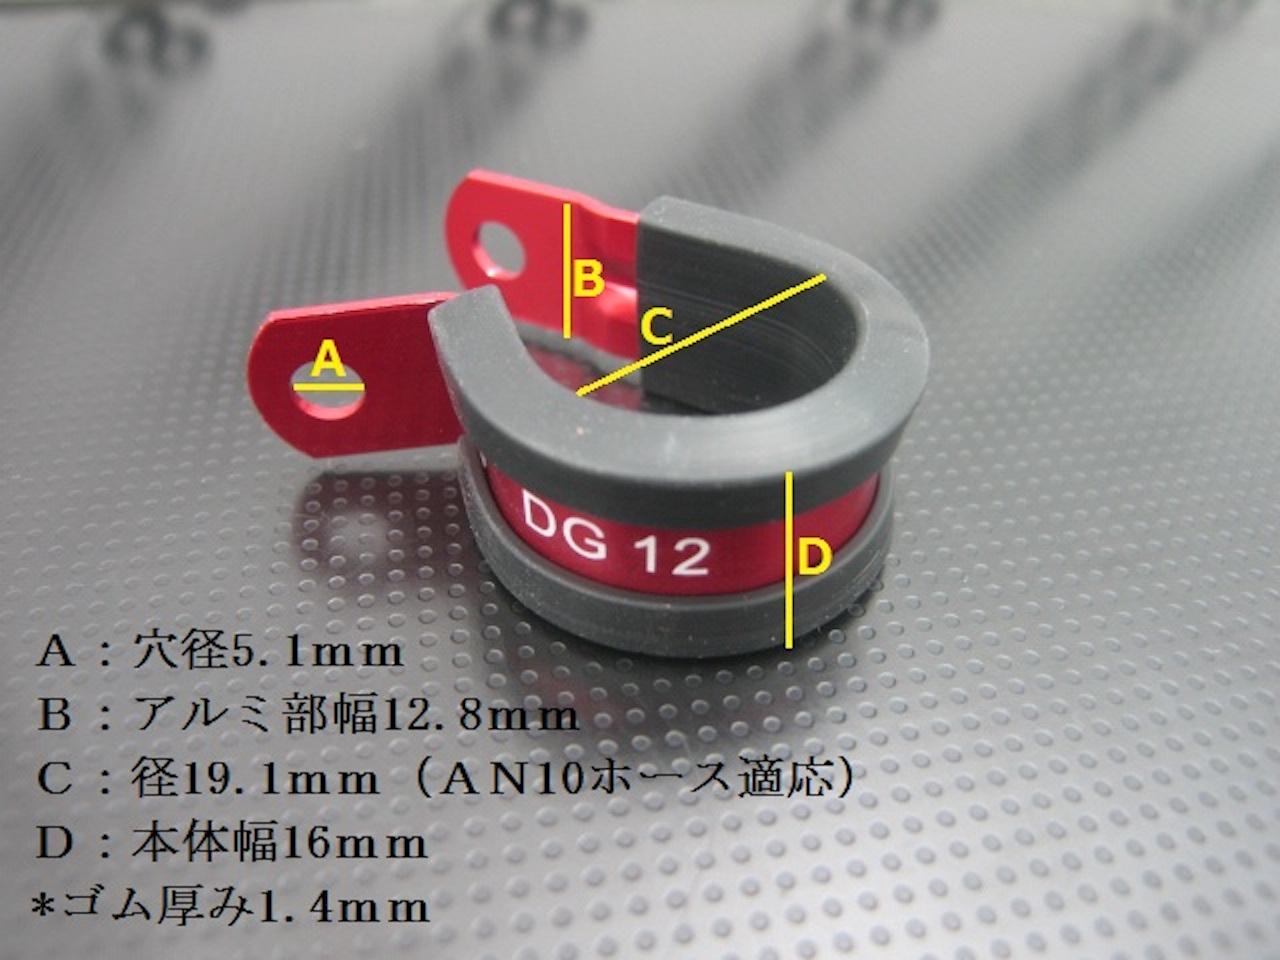 高い精度と耐久性を極めたリーズナプルな逸品 燃料チューブクランプ ホースクランプ 超特価SALE開催 内径25.4mm 信用 アルミ製 5個